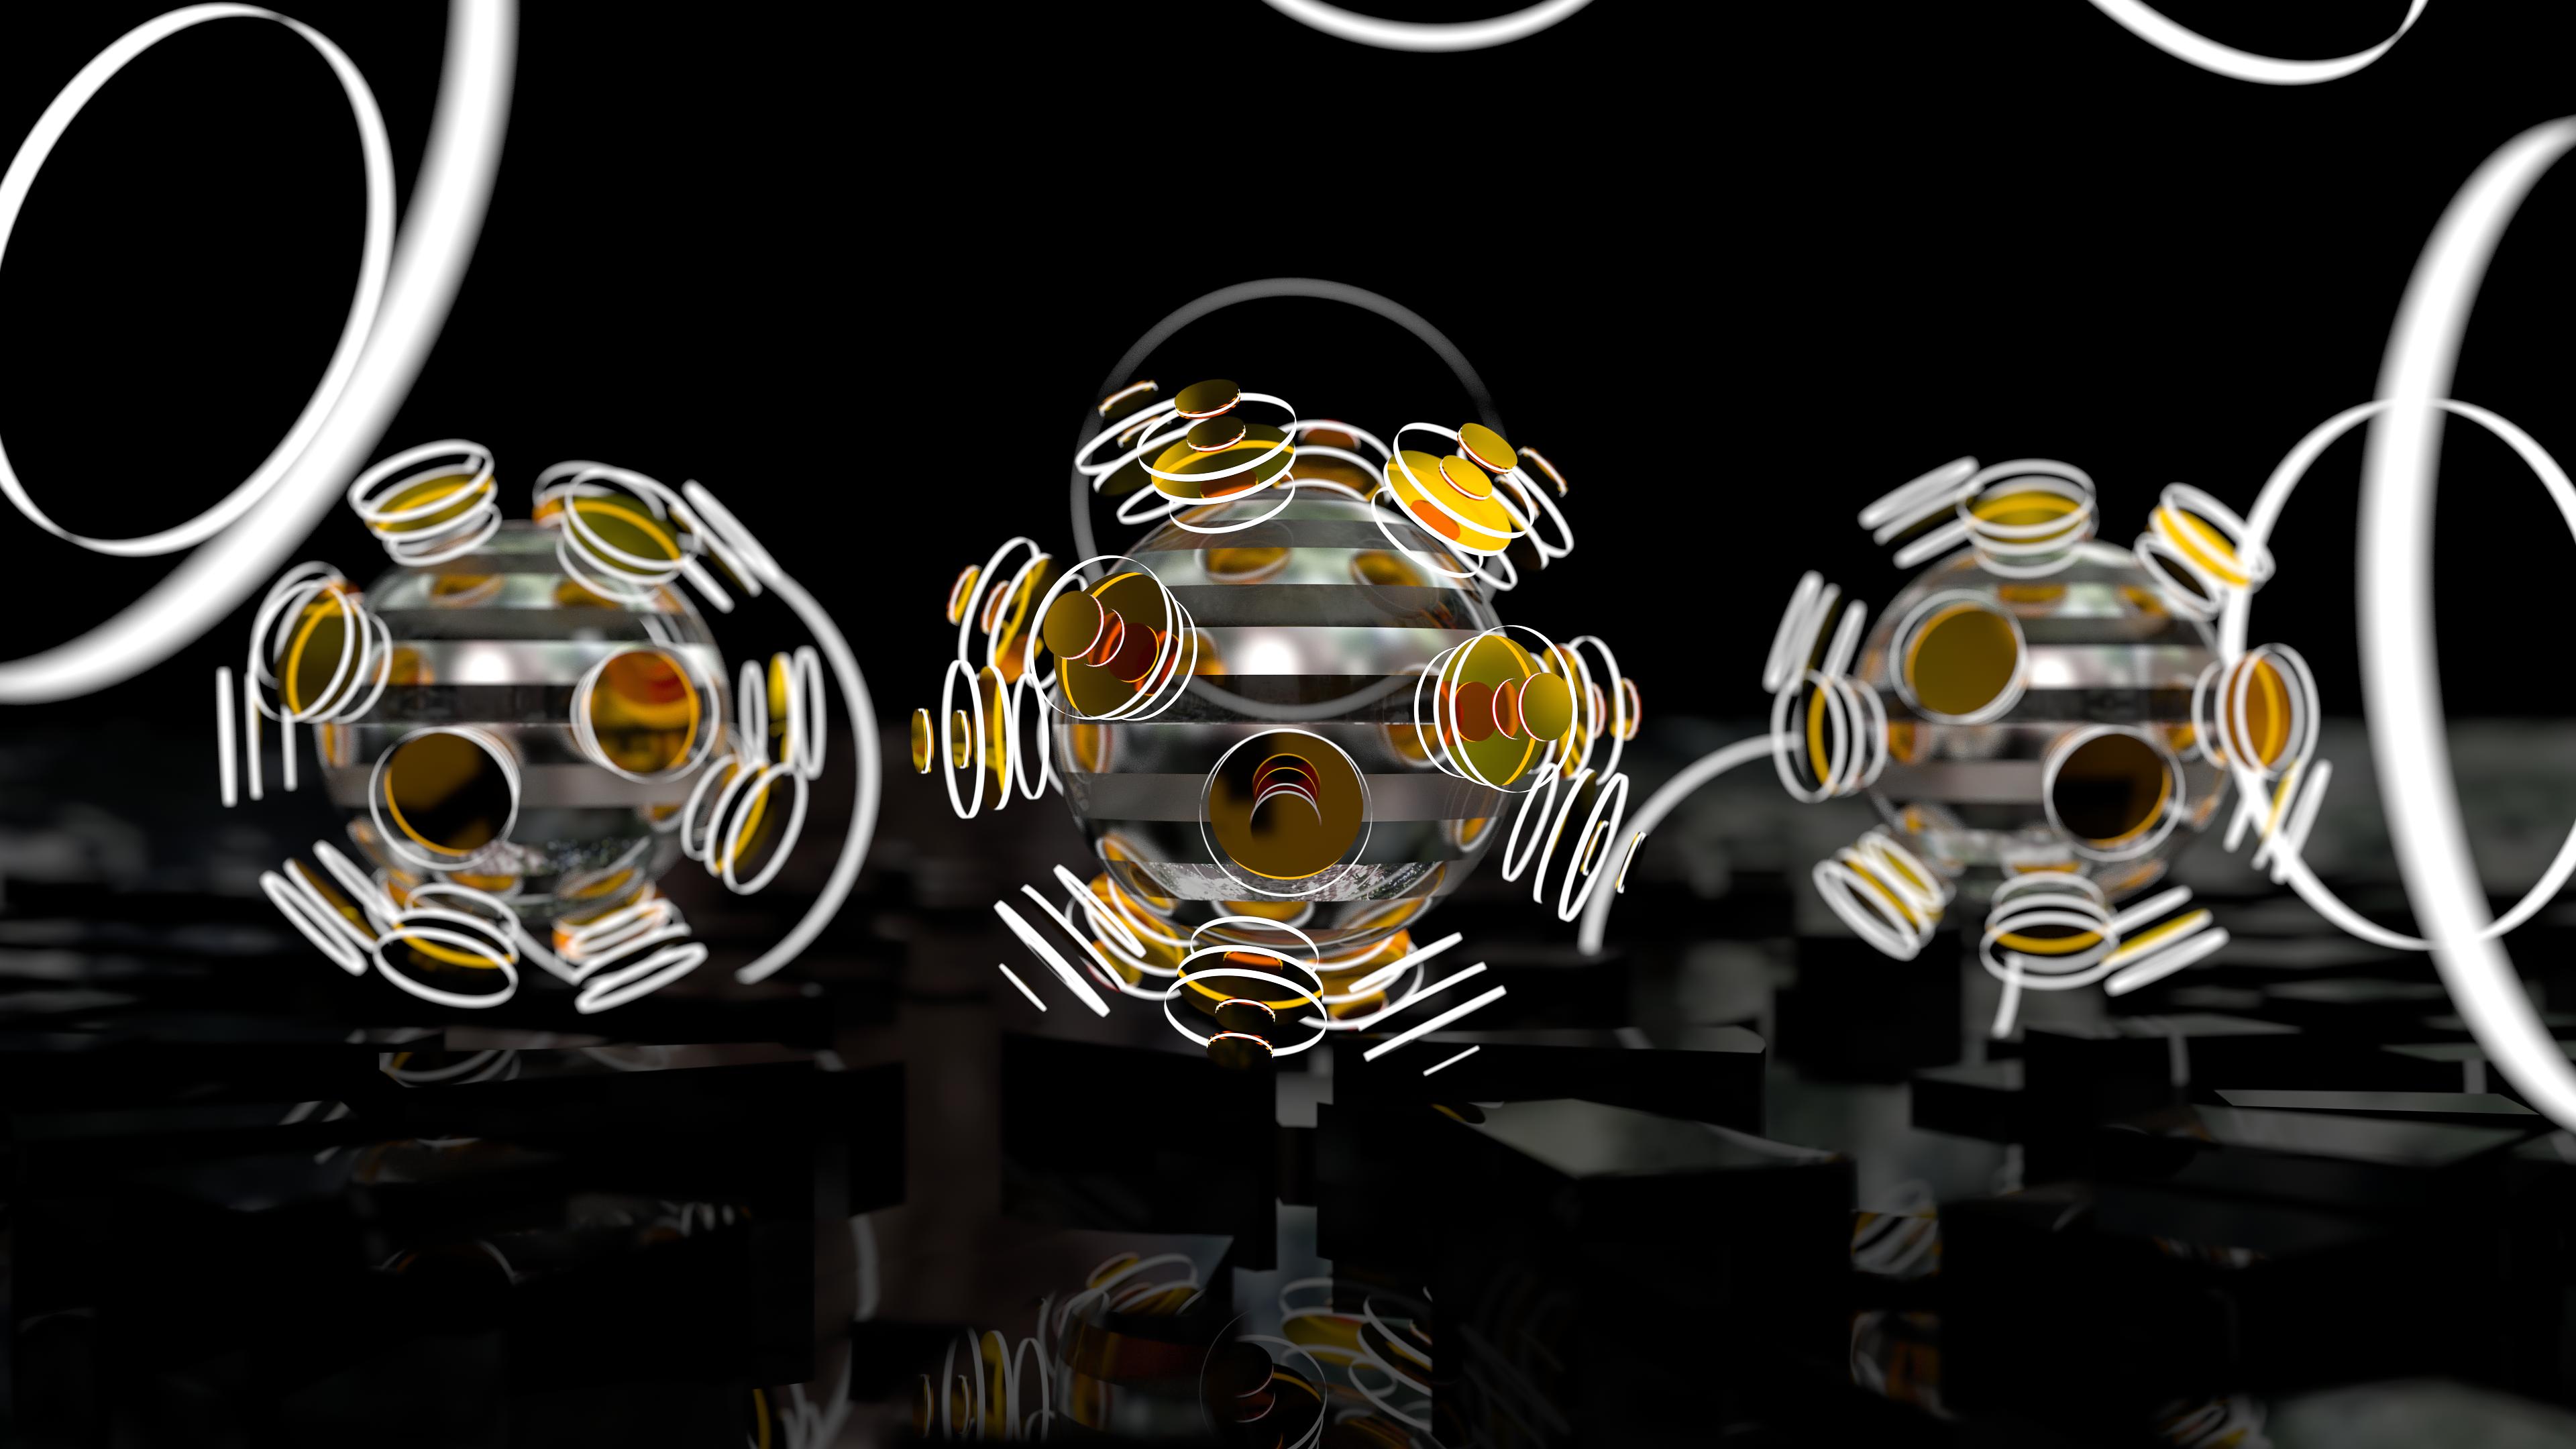 Focused Spheres - Wallpaper-Pack (4k and Full HD) by Dario999